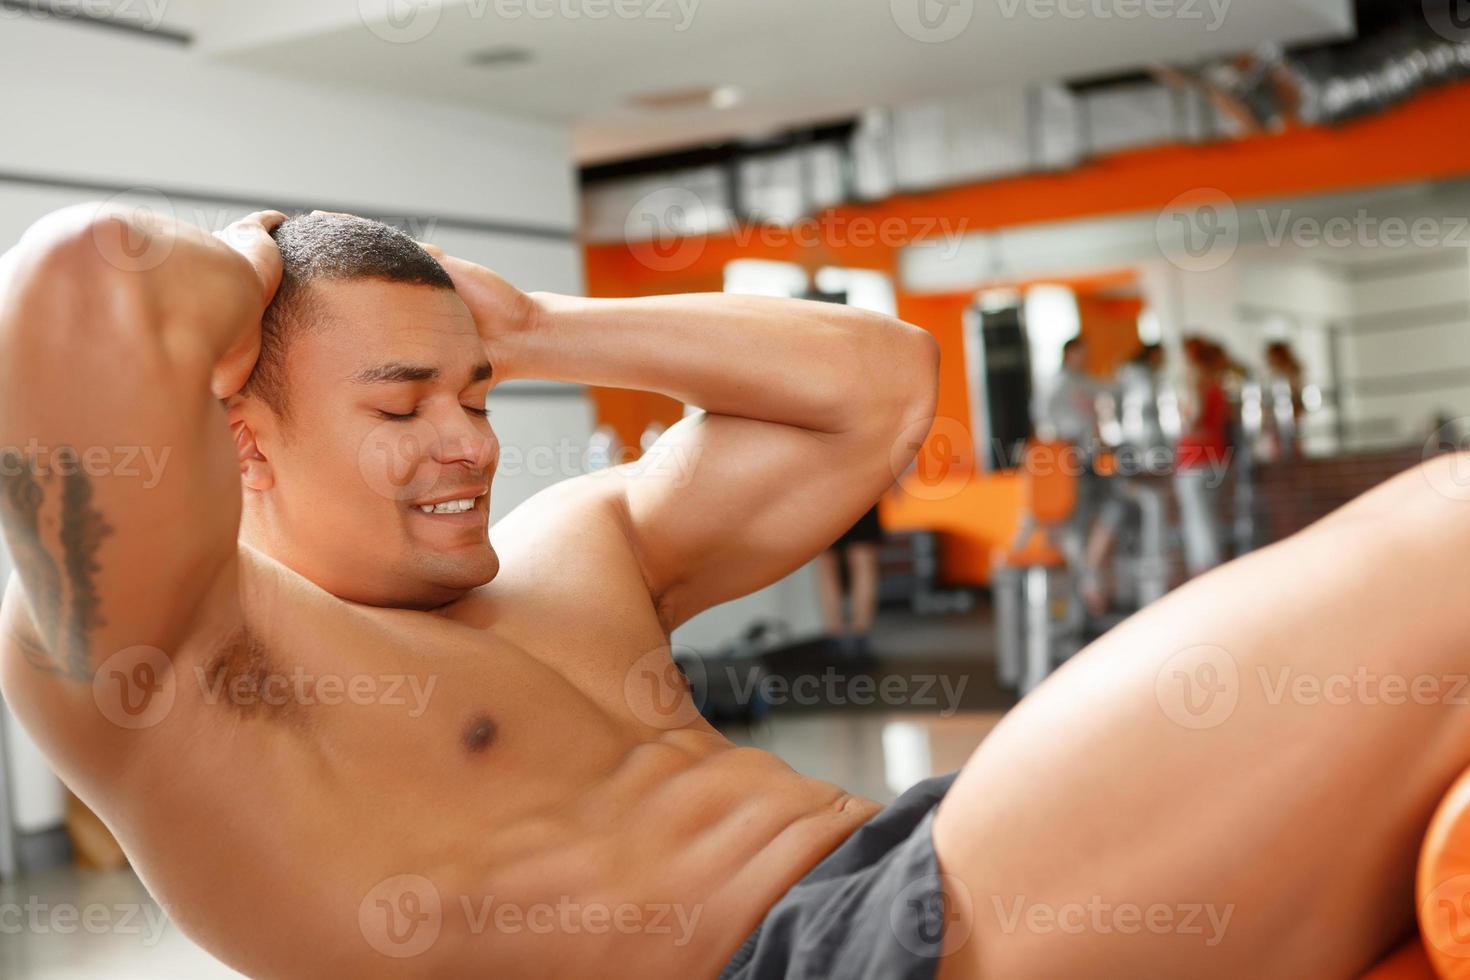 joven agradable haciendo abdominales en el gimnasio foto